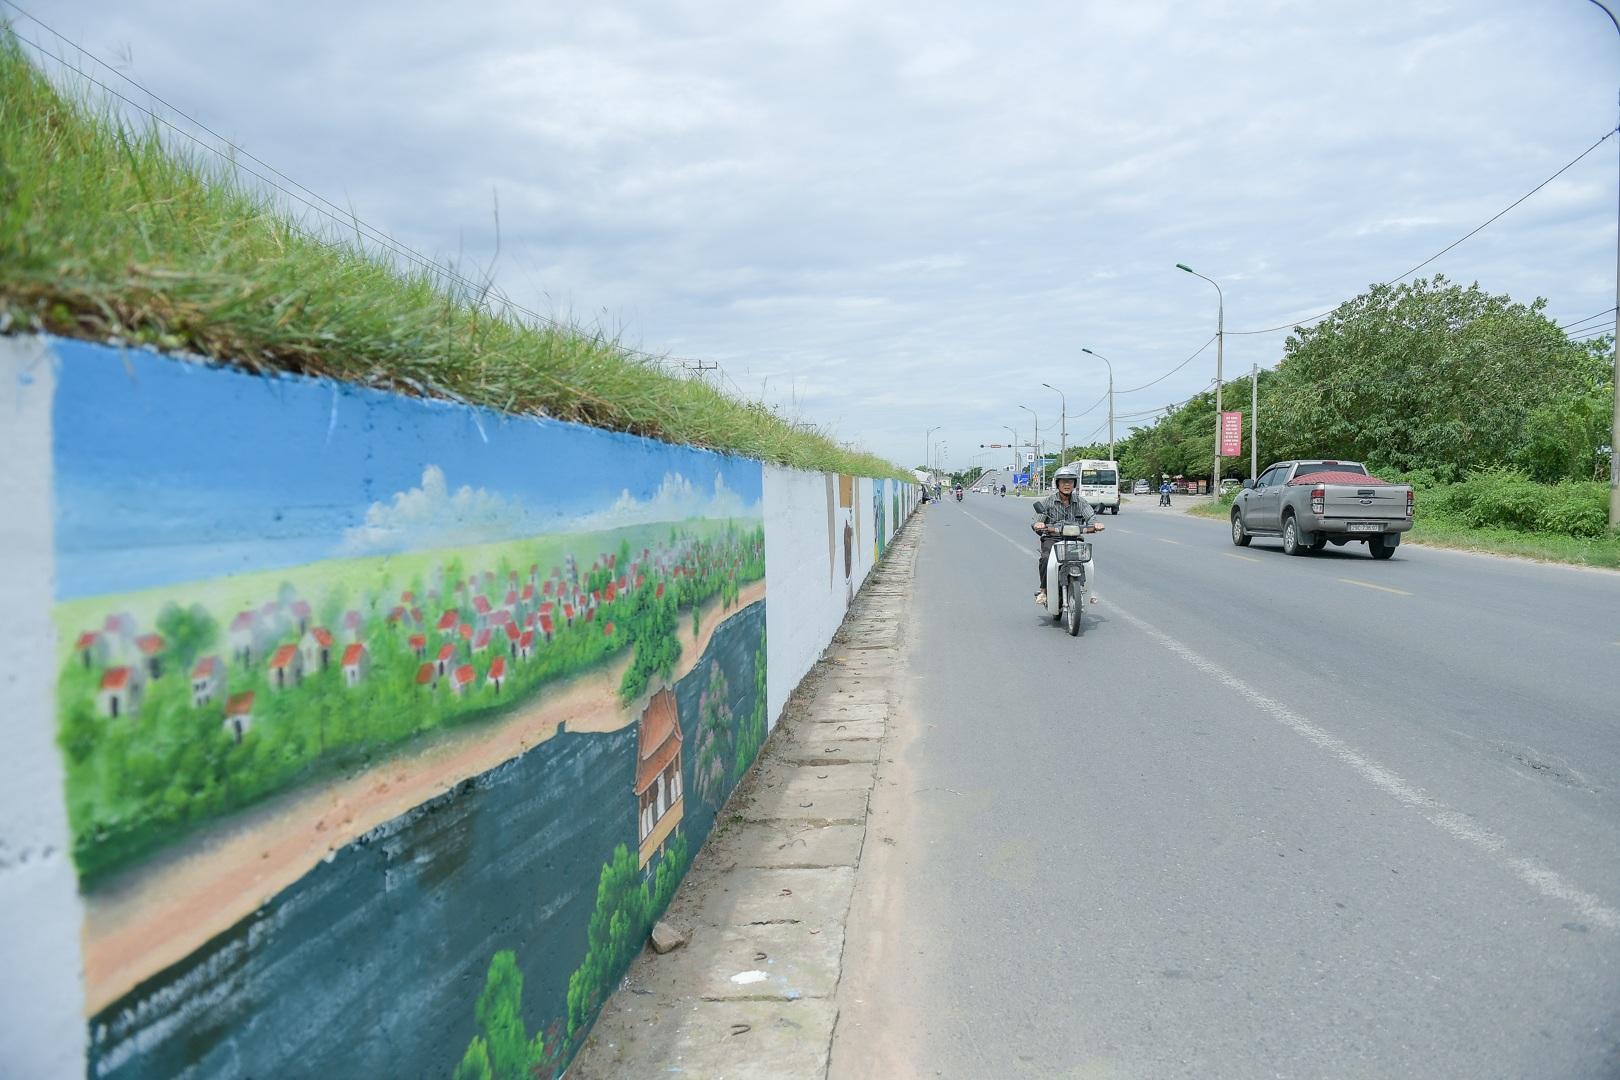 Con đường bích họa dài hơn 2 km ở ngoại thành Hà Nội - 17